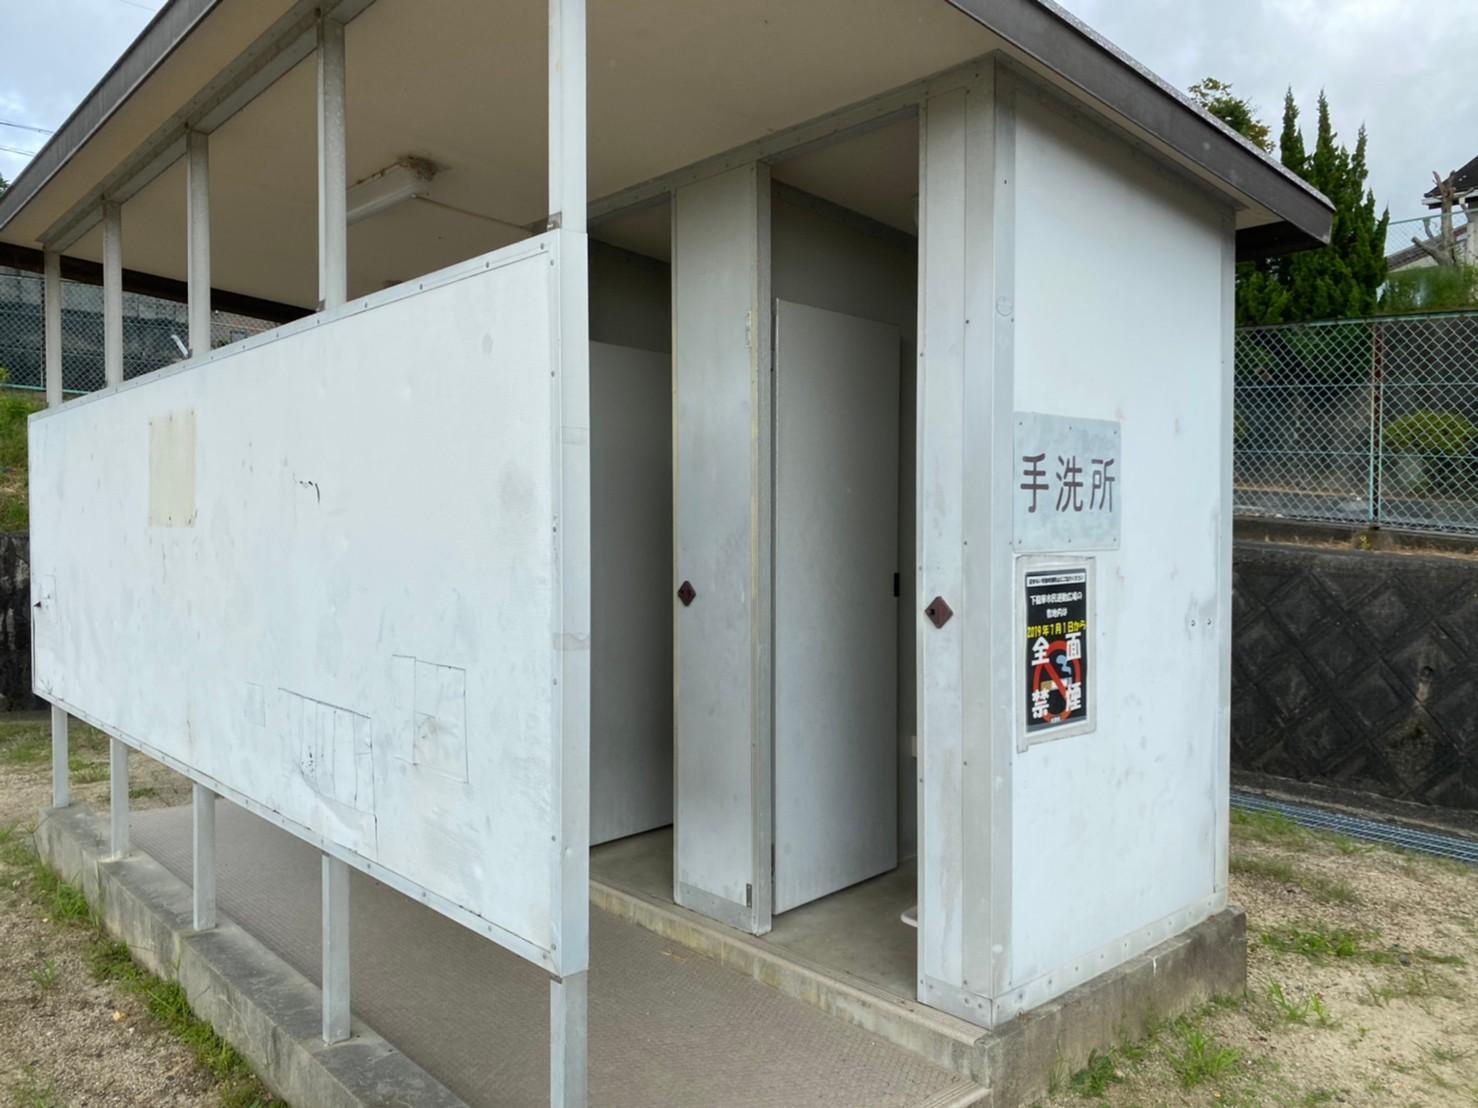 【大津市】『下龍華市民運動広場(伊香立ふれあいセンター)』写真ガイド(駐車場・トイレ)